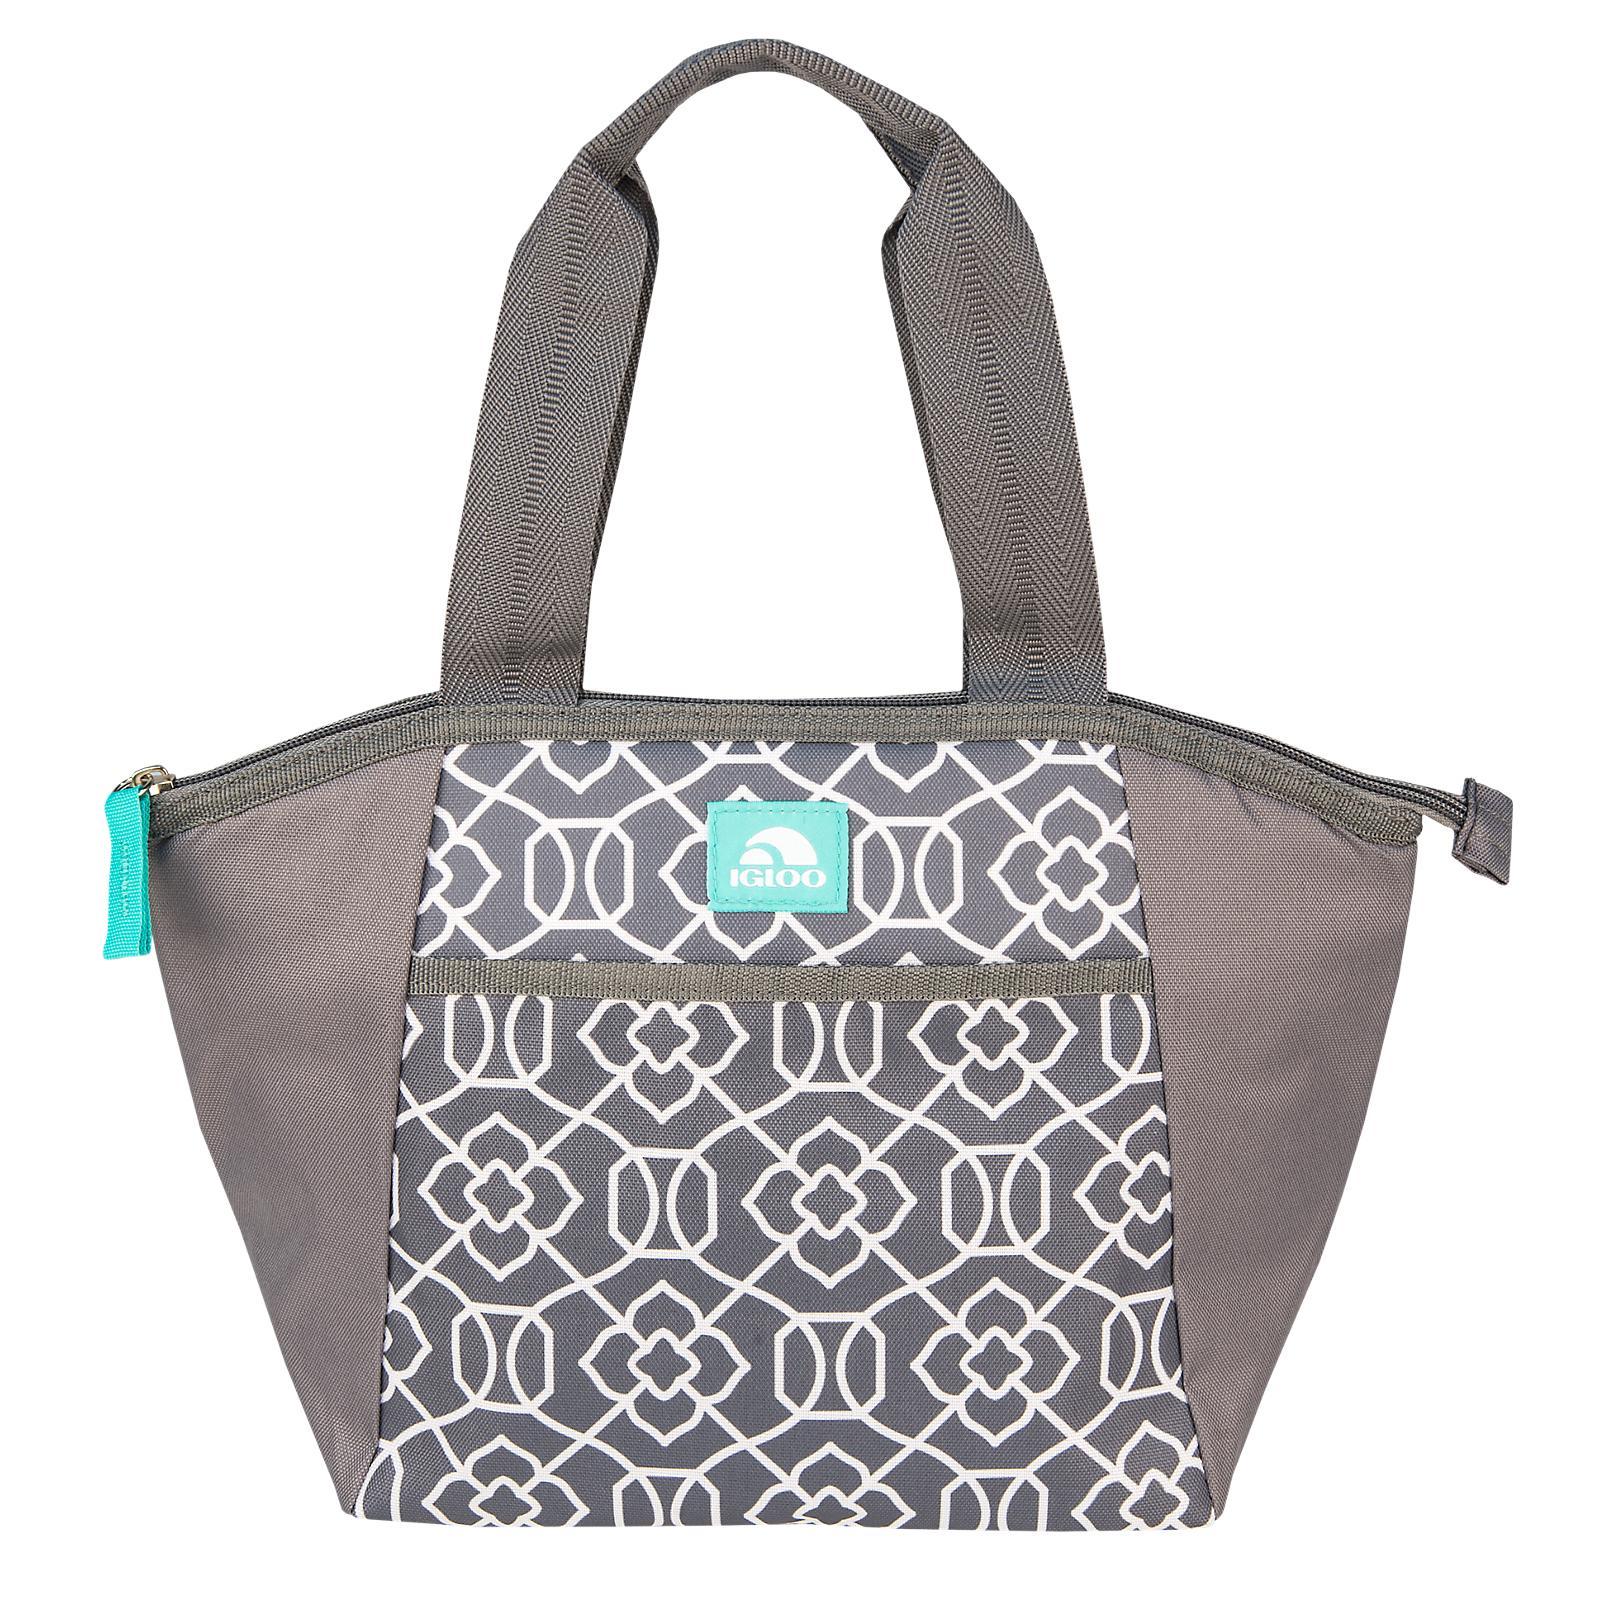 29de666e3f1 Igloo Lattice Mini Essential Tote Lunch Bag Gray